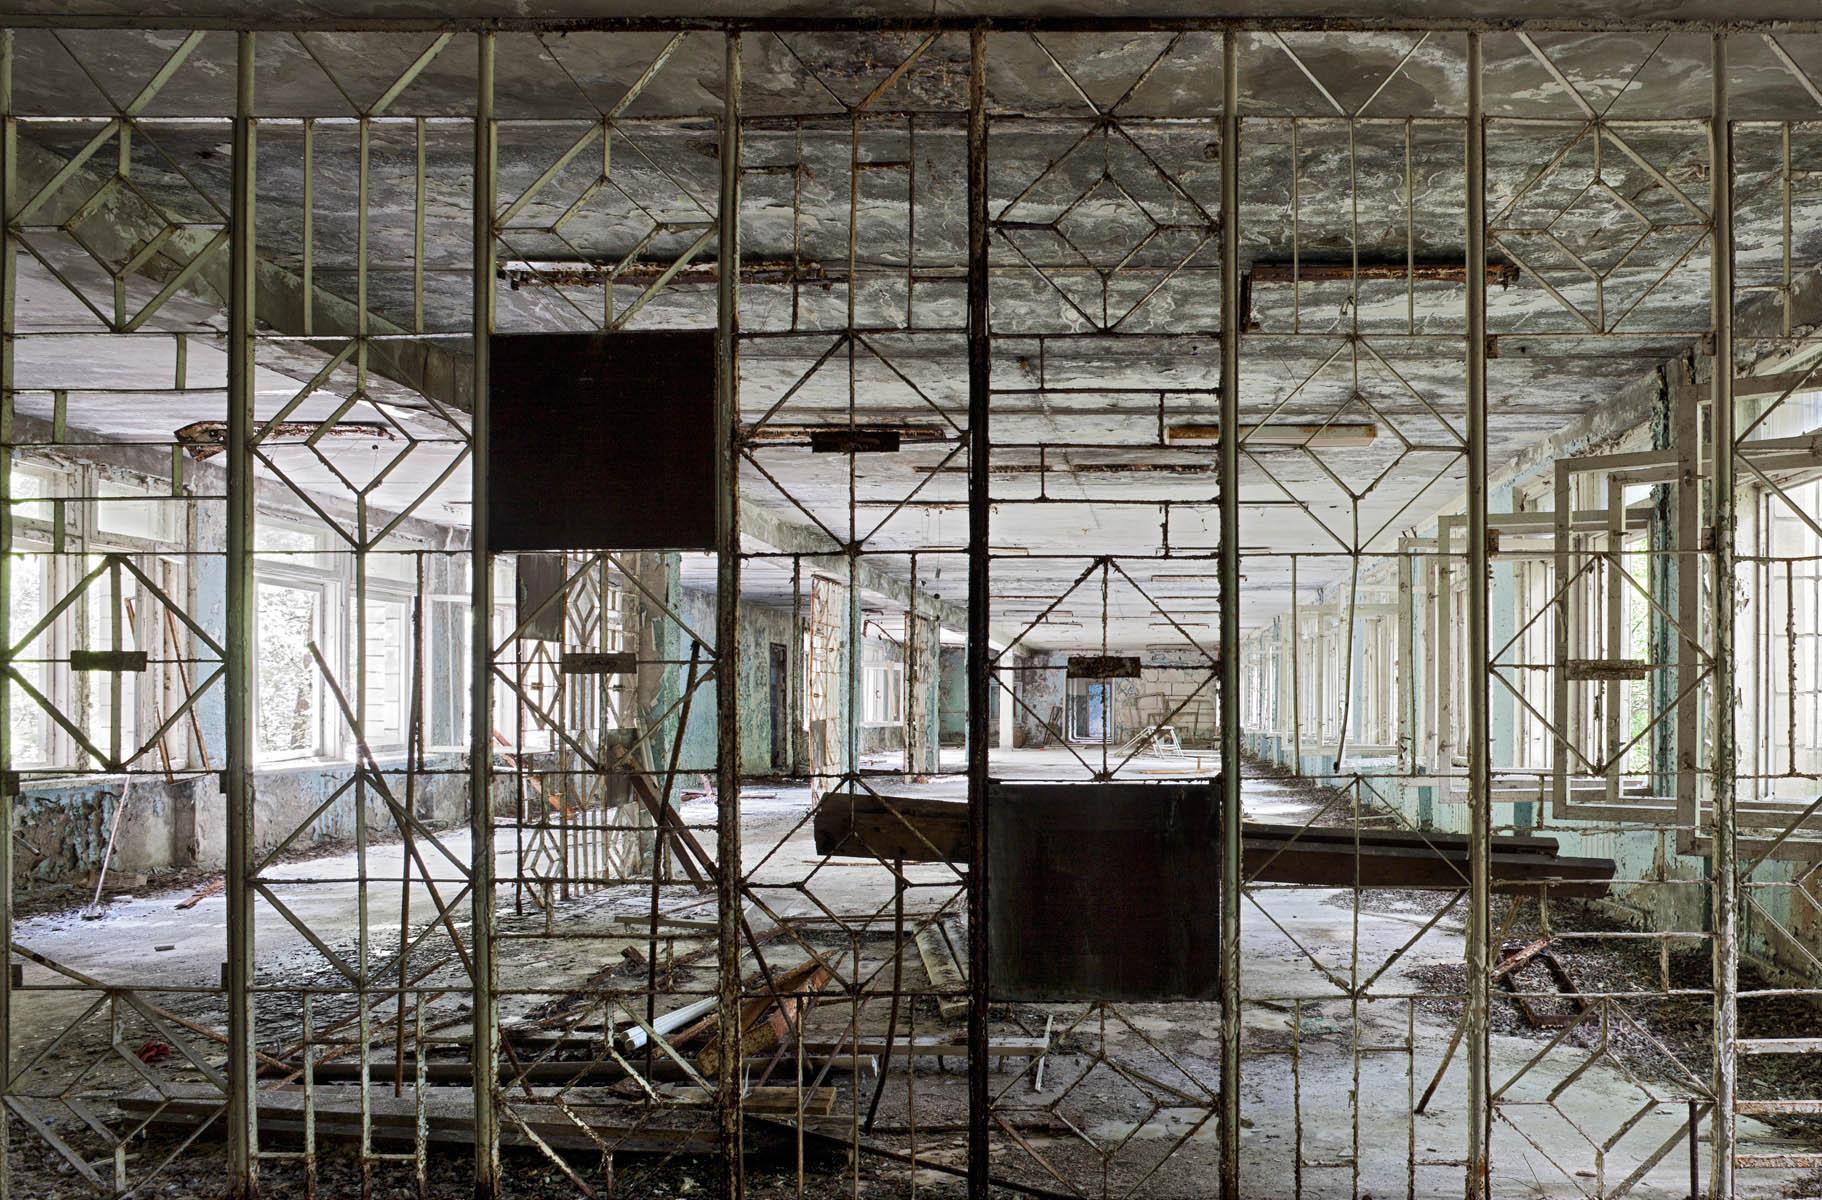 chernobyl_pripyat_18